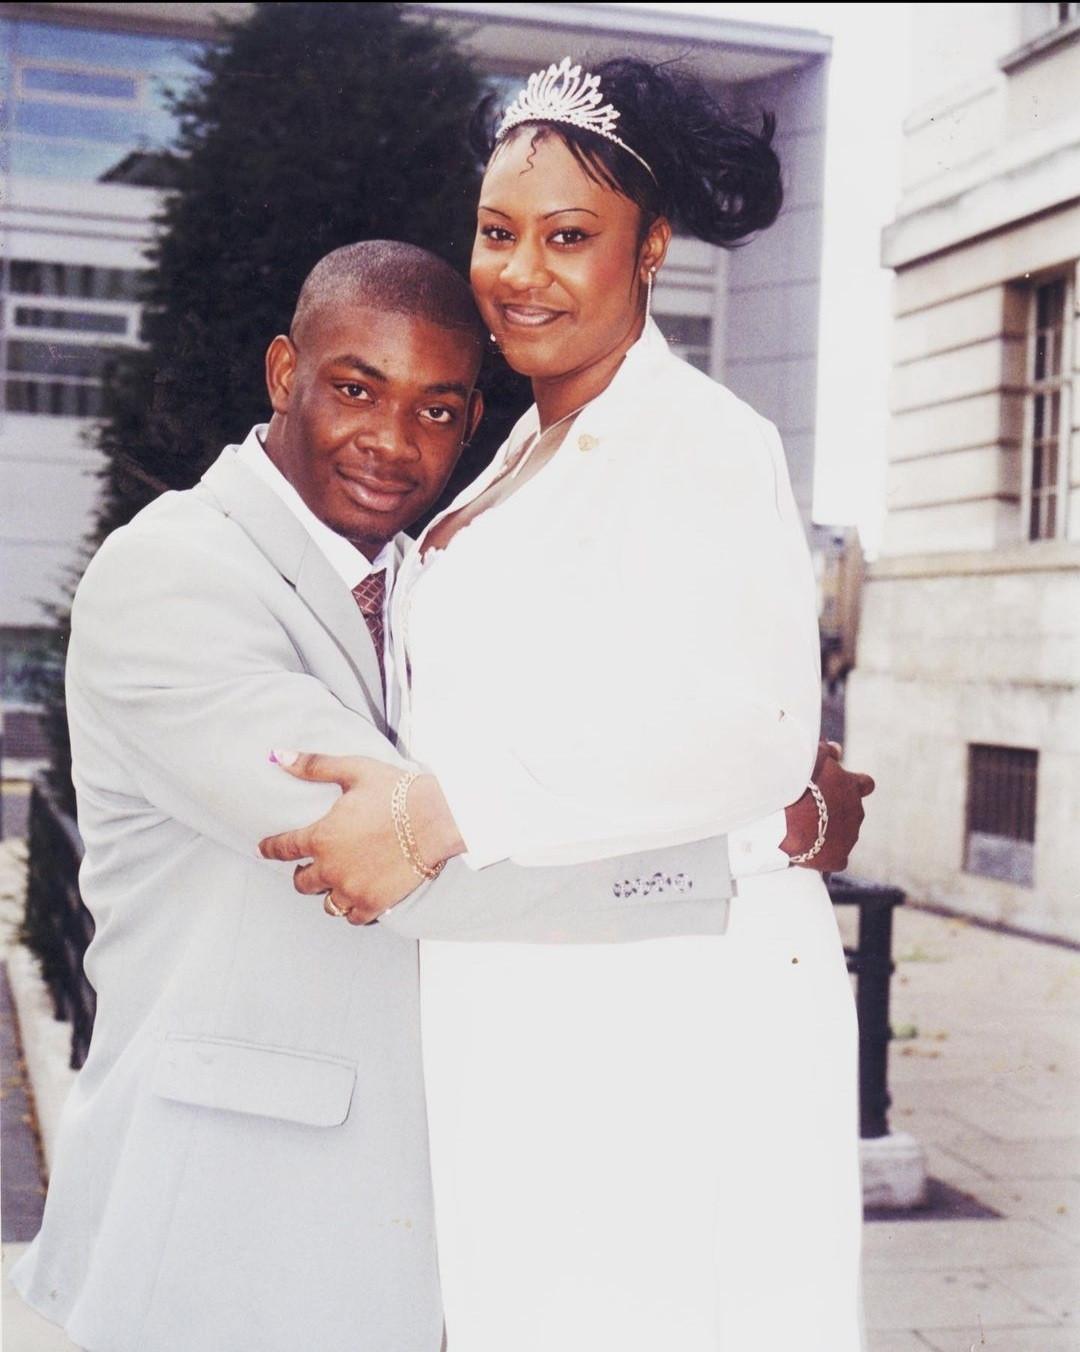 دون جازي ، متزوج بعمر 20 ومطلق بعمر 22 ، يكشف سبب عدم رغبته في الزواج مرة أخرى (صور)